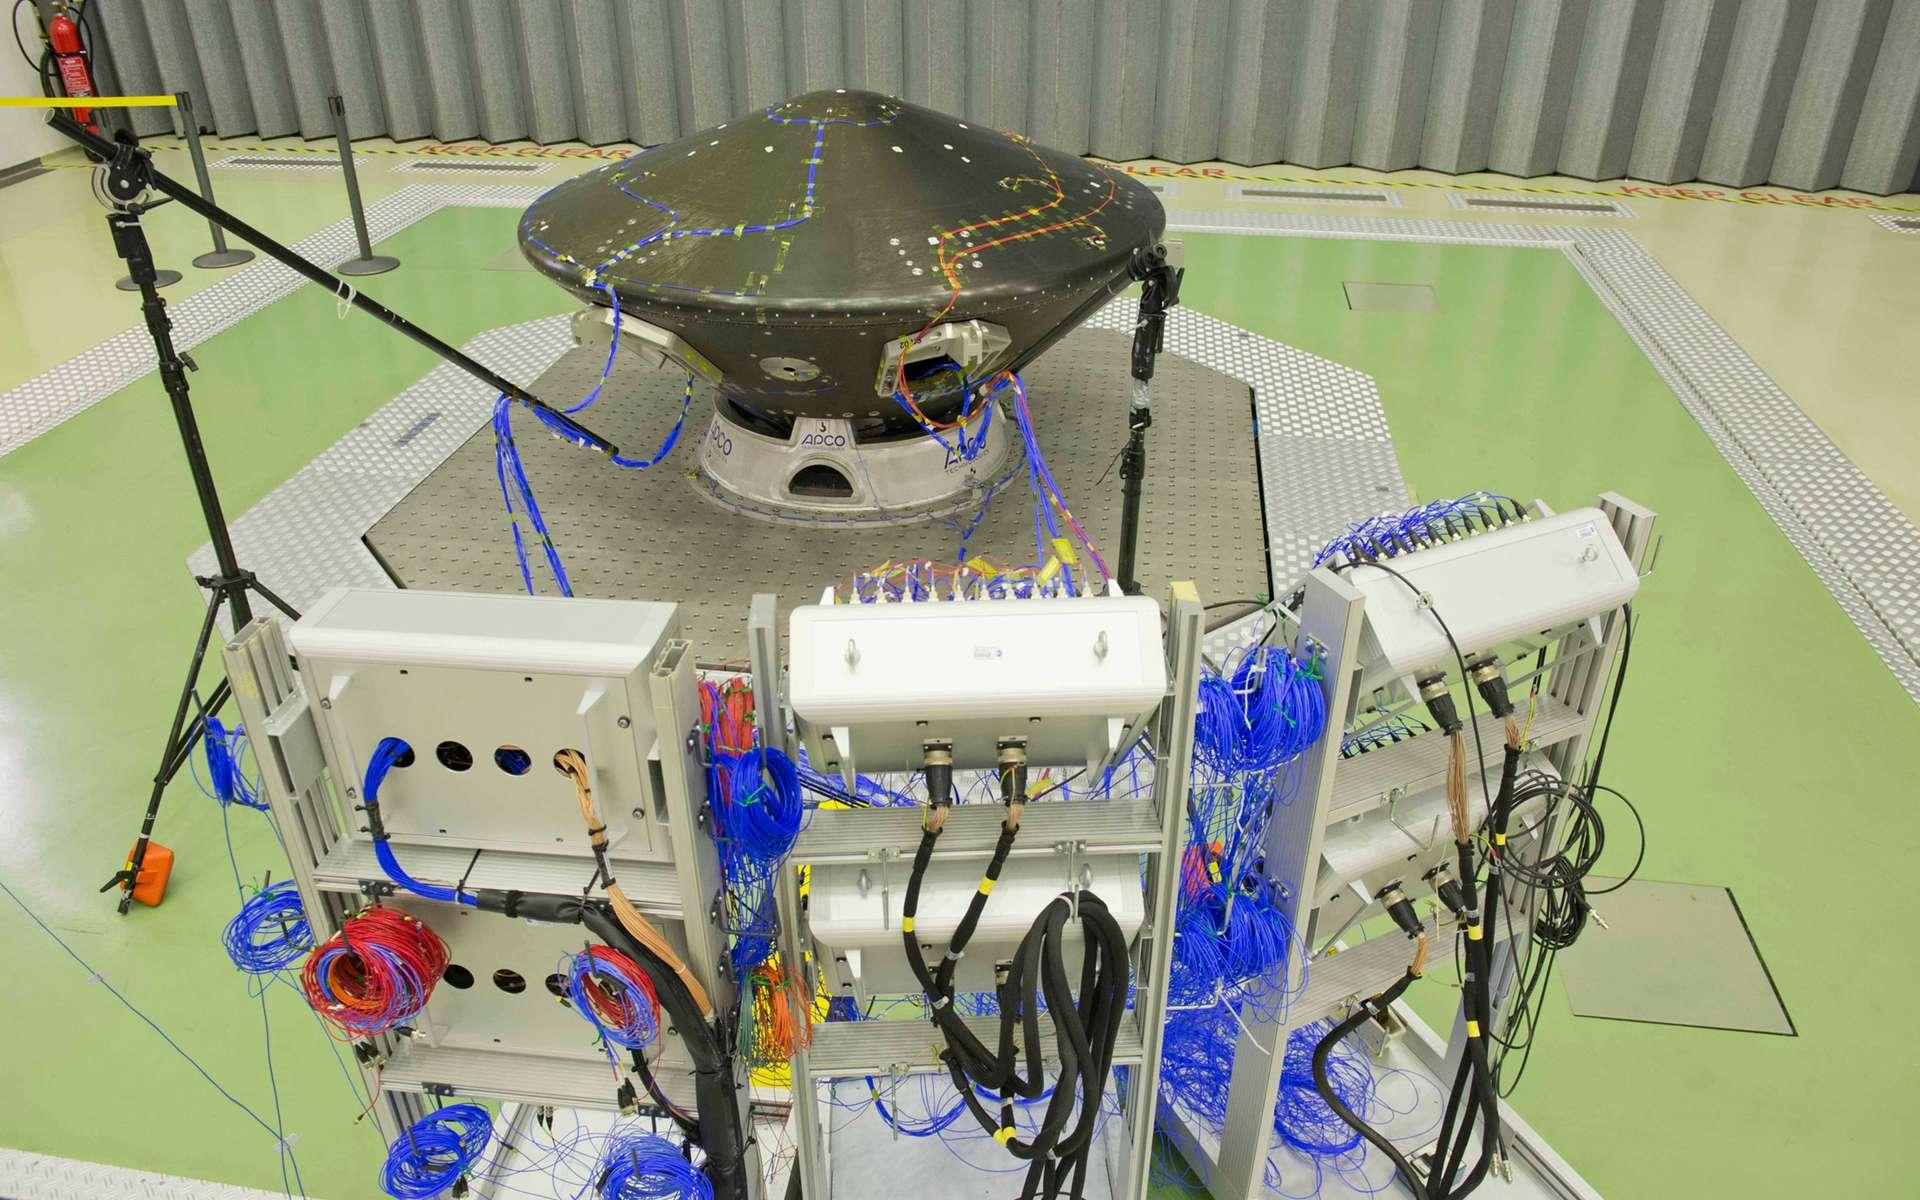 Installé sur Quad, le banc de test vibrant le plus puissant de l'Estec, l'atterrisseur d'ExoMars 2016 subit des essais de vibrations, afin de s'assurer de sa résistance aux contraintes du lancement. © Anneke Le Floc'h, Esa